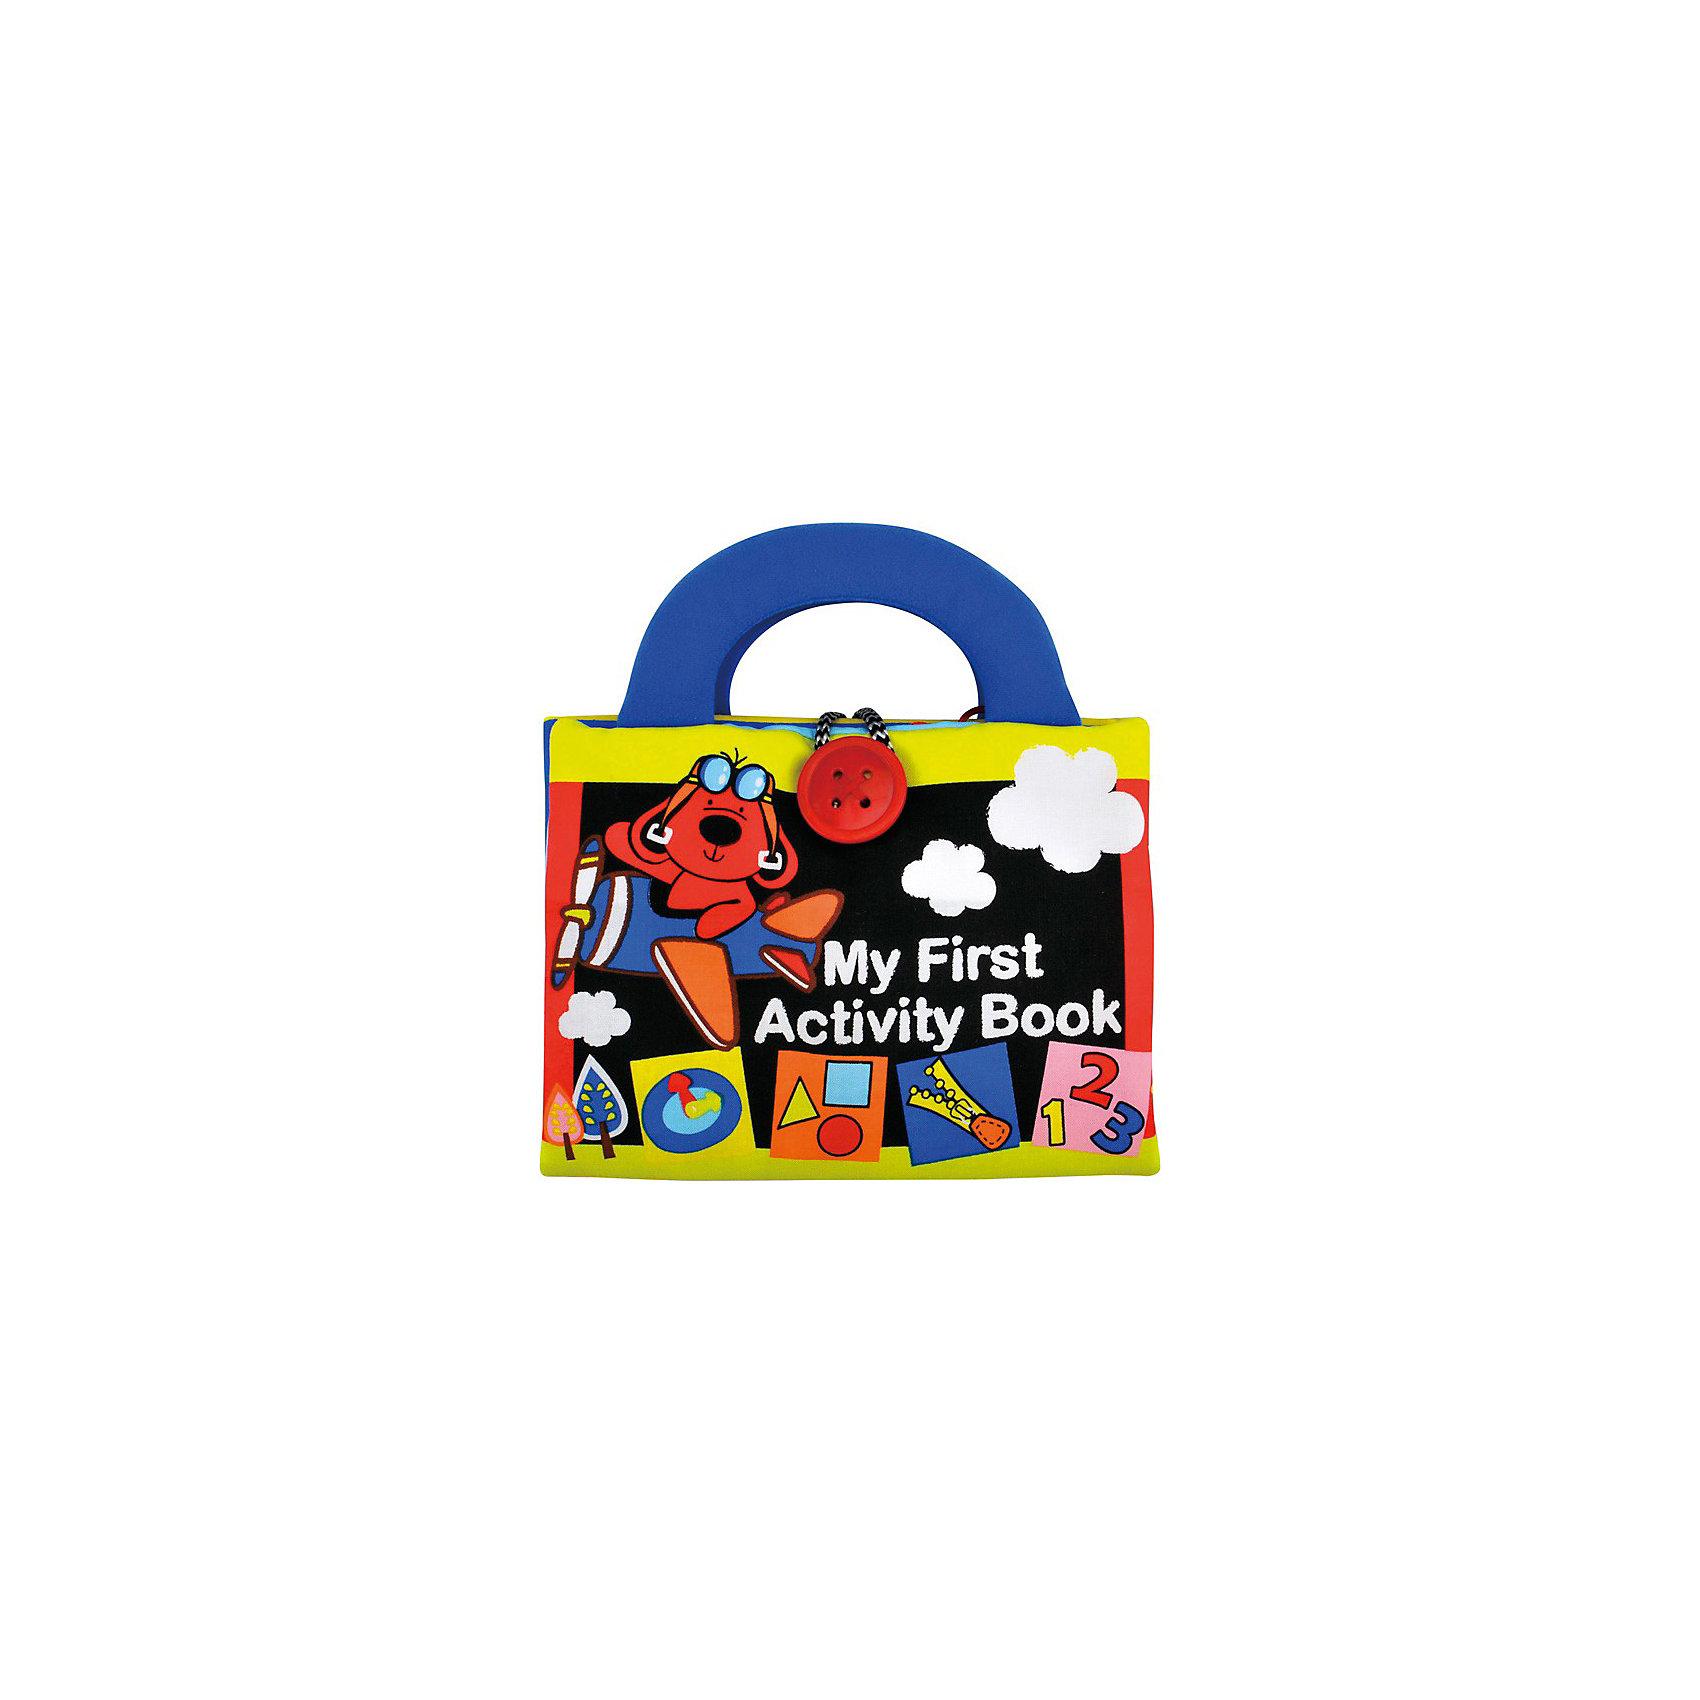 Игрушка Моя первая книжка-2, Ks KidsКнижки-игрушки<br>Книжка-игрушка Моя первая книжка 2 Ks Kids (Кс Кидс) увлекательный и очень удобный для малыша инструмент развития. Мягкая книжка с удобными ручками абсолютно безопасна для крохи. Книжка наполнена любимыми детскими развлечениями: шнуровками, шуршалками, креплениями. С помощью книжки-игрушки ребенок научится узнавать объекты, различать формы, определять цвета. Странички из разнообразных материалов будут способствовать развитию тактильных и моторных навыков. Яркий дизайн непременно привлечет внимание крохи и будет способствовать развитию зрения.<br><br>Дополнительная информация:<br><br>- Мягкая развивающая книжка с ручками;<br>- Разнофактурные элементы;<br>- Шнуровки, крепления, подвижные элементы;<br>- Развивает тактильное восприятие, координацию;<br>- Яркий дизайн стимулирует развитие зрения;<br>- Материал: ткань (65% полиэстер, 35% хлопок);<br>- Размер: 21,5 х 25 х 5 см;<br>- Вес: 290 г<br><br>Книжку-игрушку Моя первая книжка 2, Ks Kids (Кс Кидс) можно купить в нашем интернет-магазине.<br><br>Ширина мм: 230<br>Глубина мм: 280<br>Высота мм: 60<br>Вес г: 290<br>Возраст от месяцев: 12<br>Возраст до месяцев: 36<br>Пол: Унисекс<br>Возраст: Детский<br>SKU: 3776150